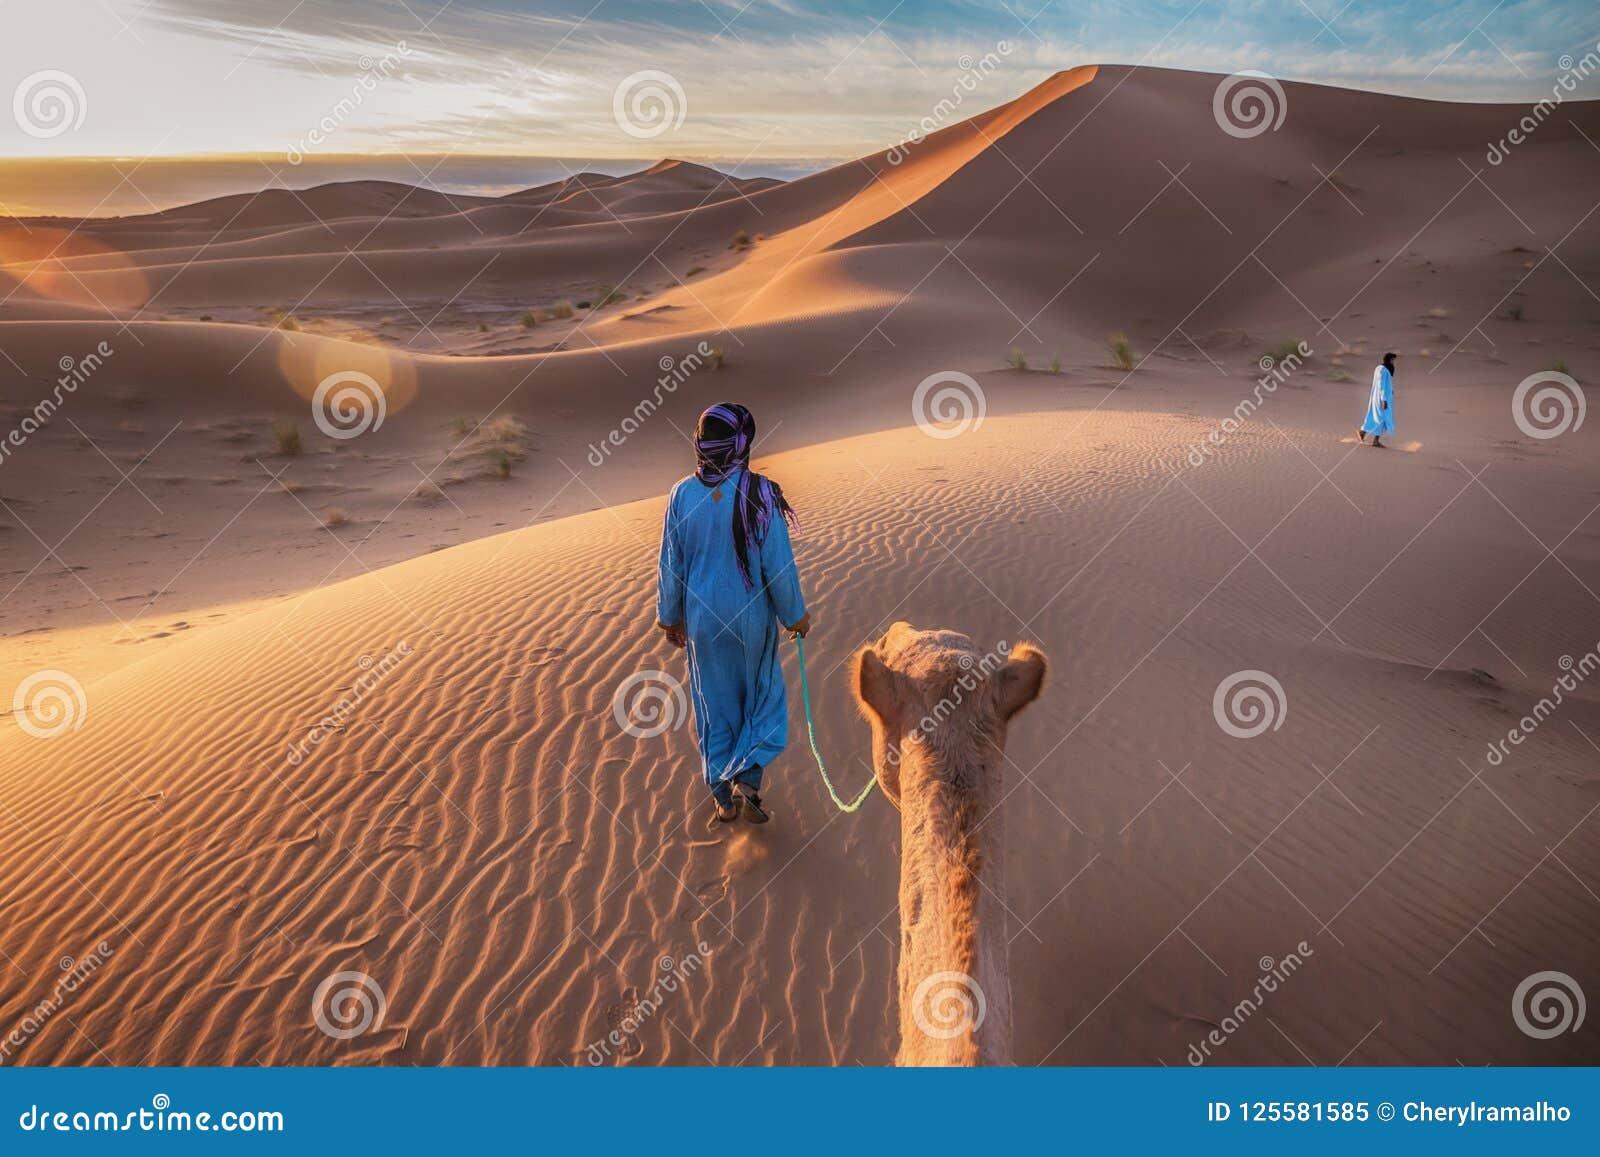 Nascer do sol em Sahara Desert, como um camelo é conduzido através das dunas de areia douradas por dois membros duma tribo nómada